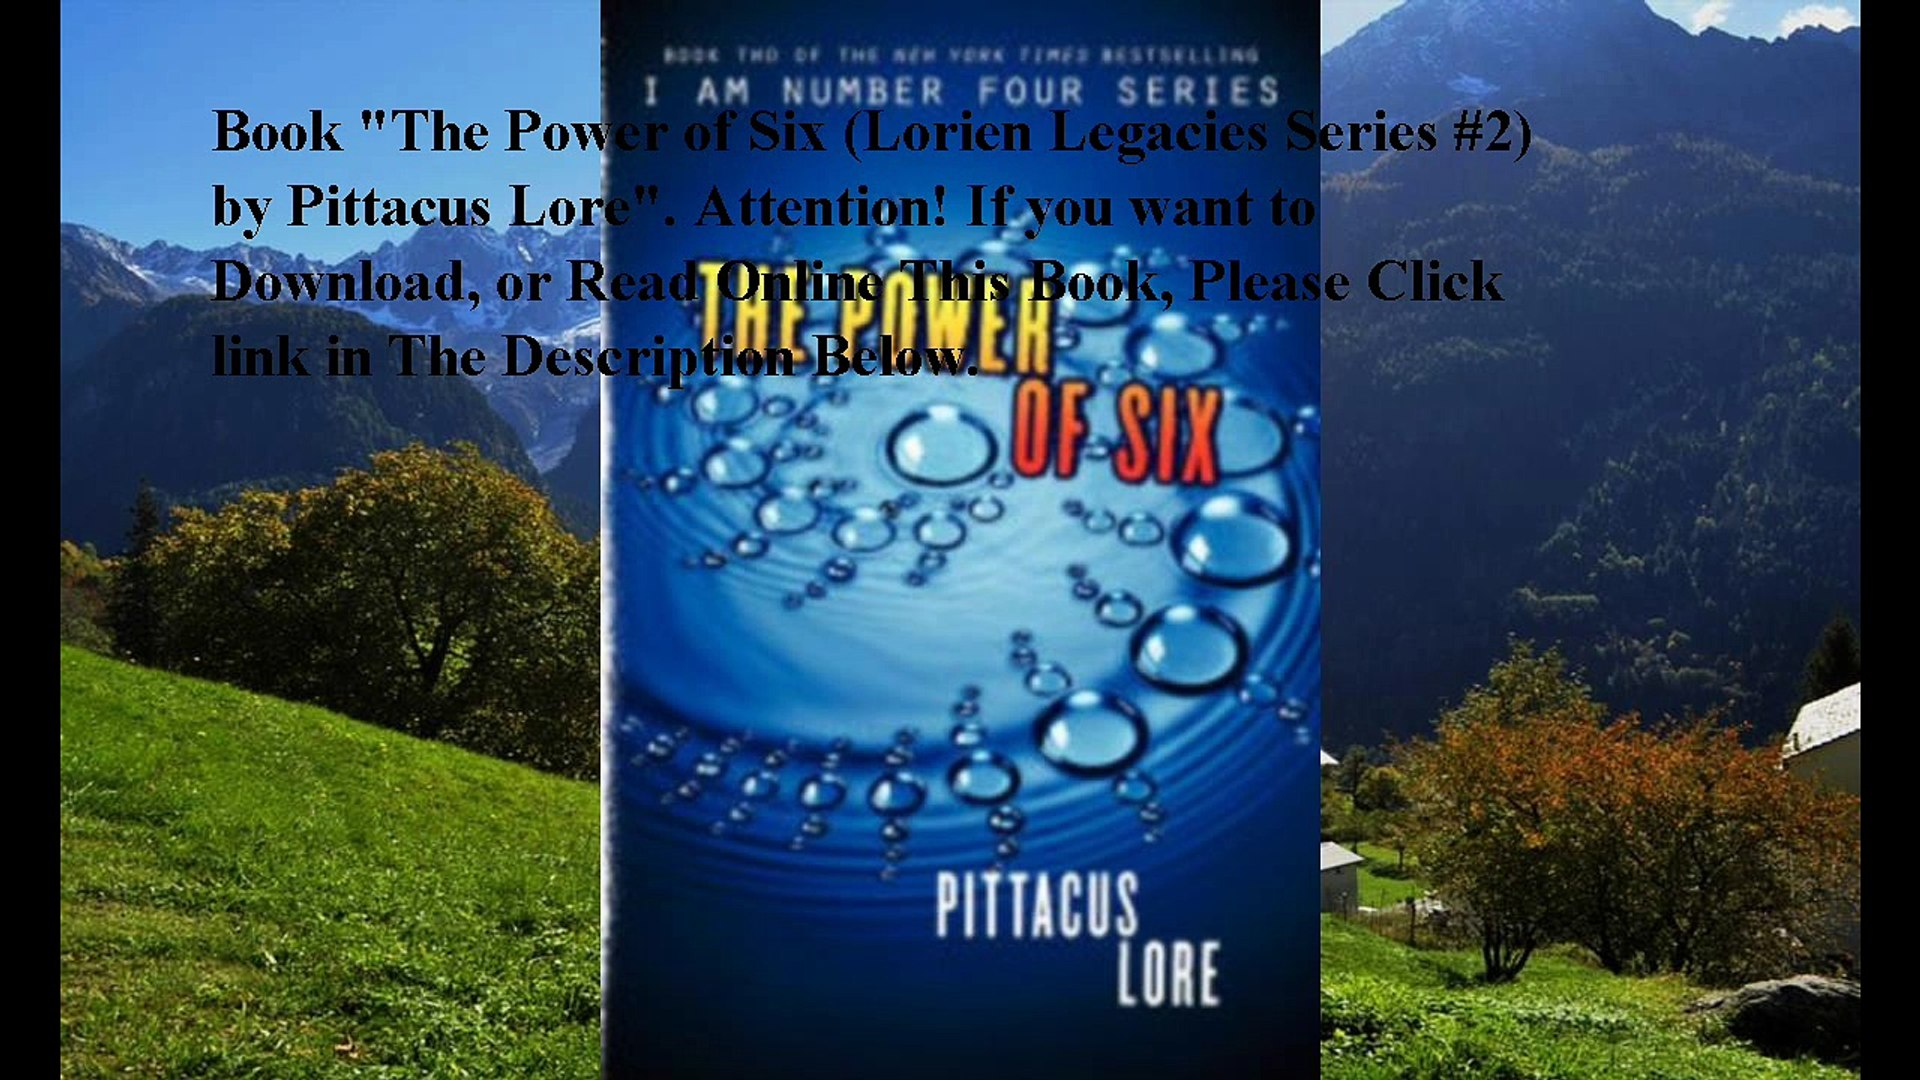 Download The Power of Six (Lorien Legacies Series #2) ebook PDF